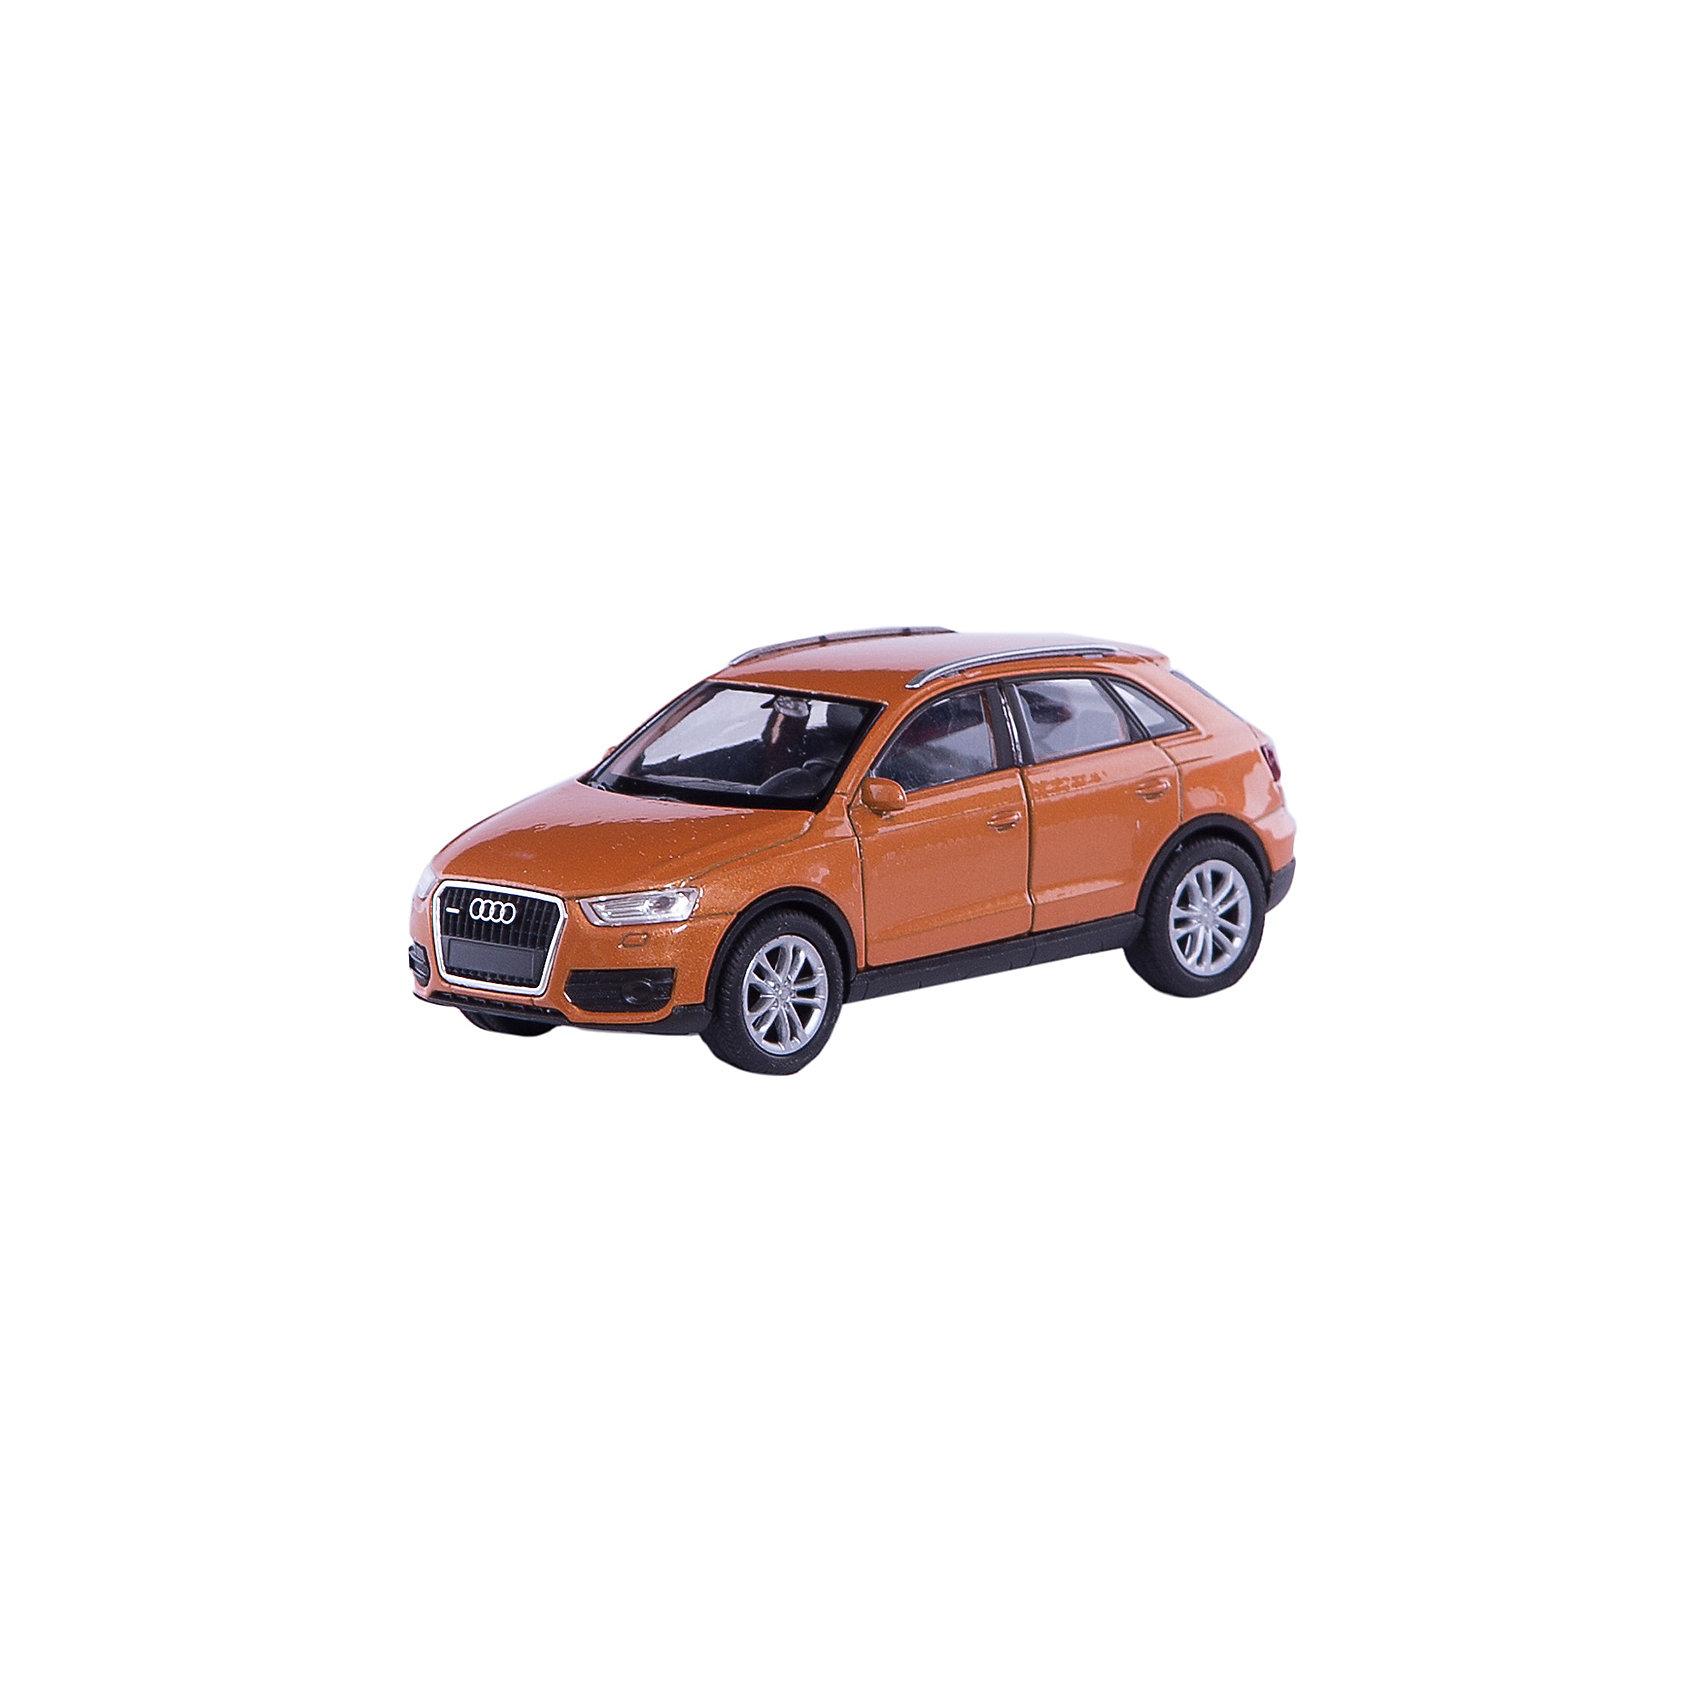 Модель машины 1:34-39 Audi Q3, WellyКоллекционные модели<br>Коллекционная модель машины 1:34-39 Audi Q3 от известного производителя Welly - это точная уменьшенная копия автомобиля этой марки. Машинка выполнена из материалов высокого качества, прочных и долговечных. Цвет кузова автомобиля представлен в ассортименте. Выбрать определенный цвет заранее не представляется возможным.<br><br>Ширина мм: 145<br>Глубина мм: 115<br>Высота мм: 60<br>Вес г: 154<br>Возраст от месяцев: 36<br>Возраст до месяцев: 192<br>Пол: Мужской<br>Возраст: Детский<br>SKU: 4966540